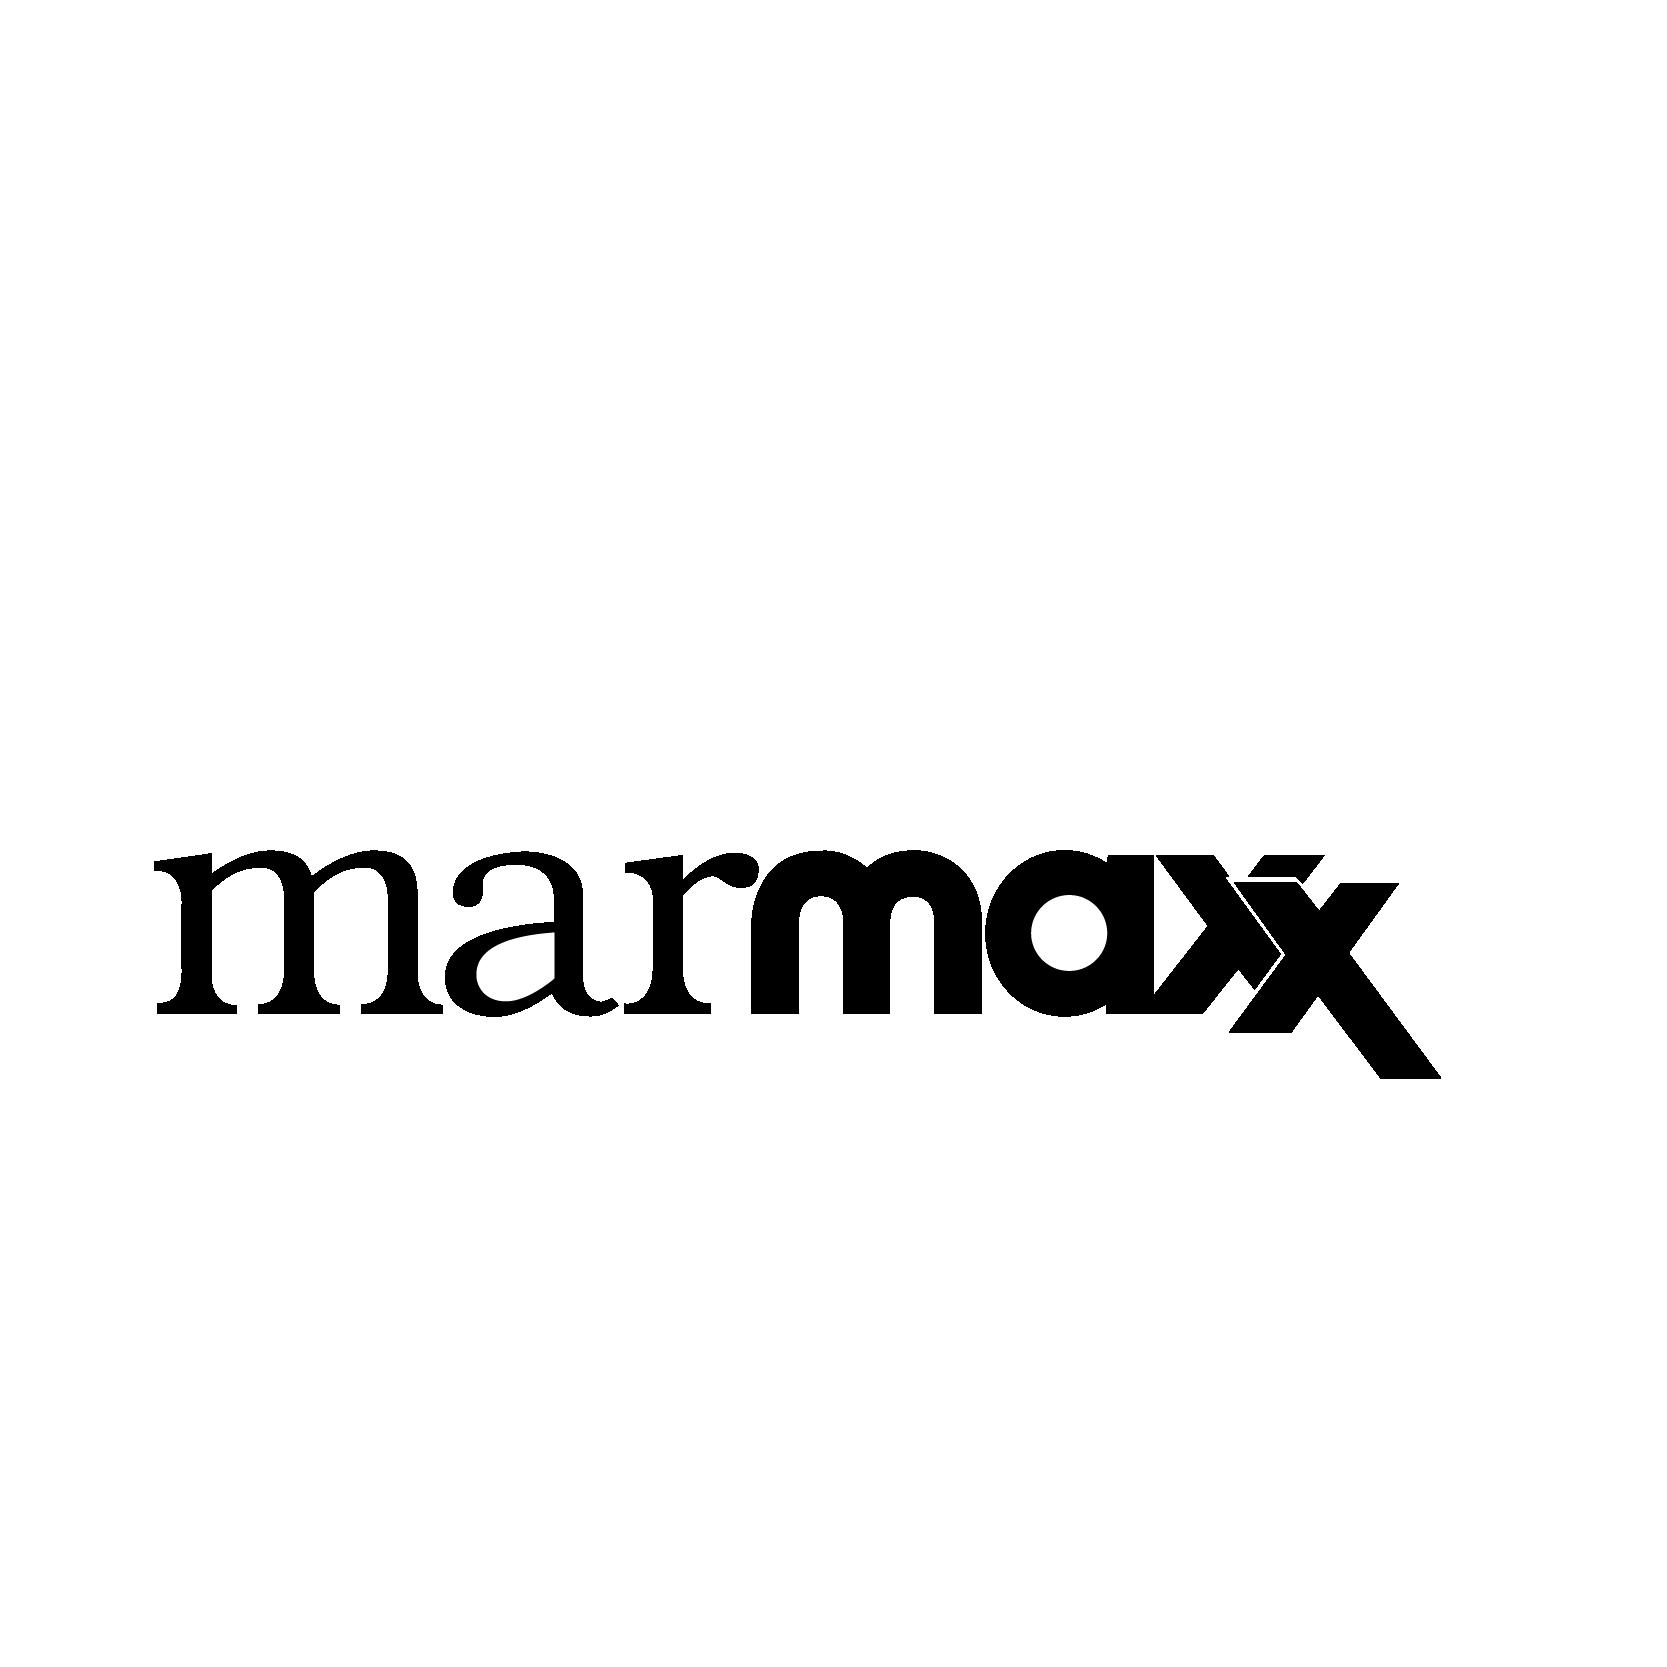 Marmaxx Logo